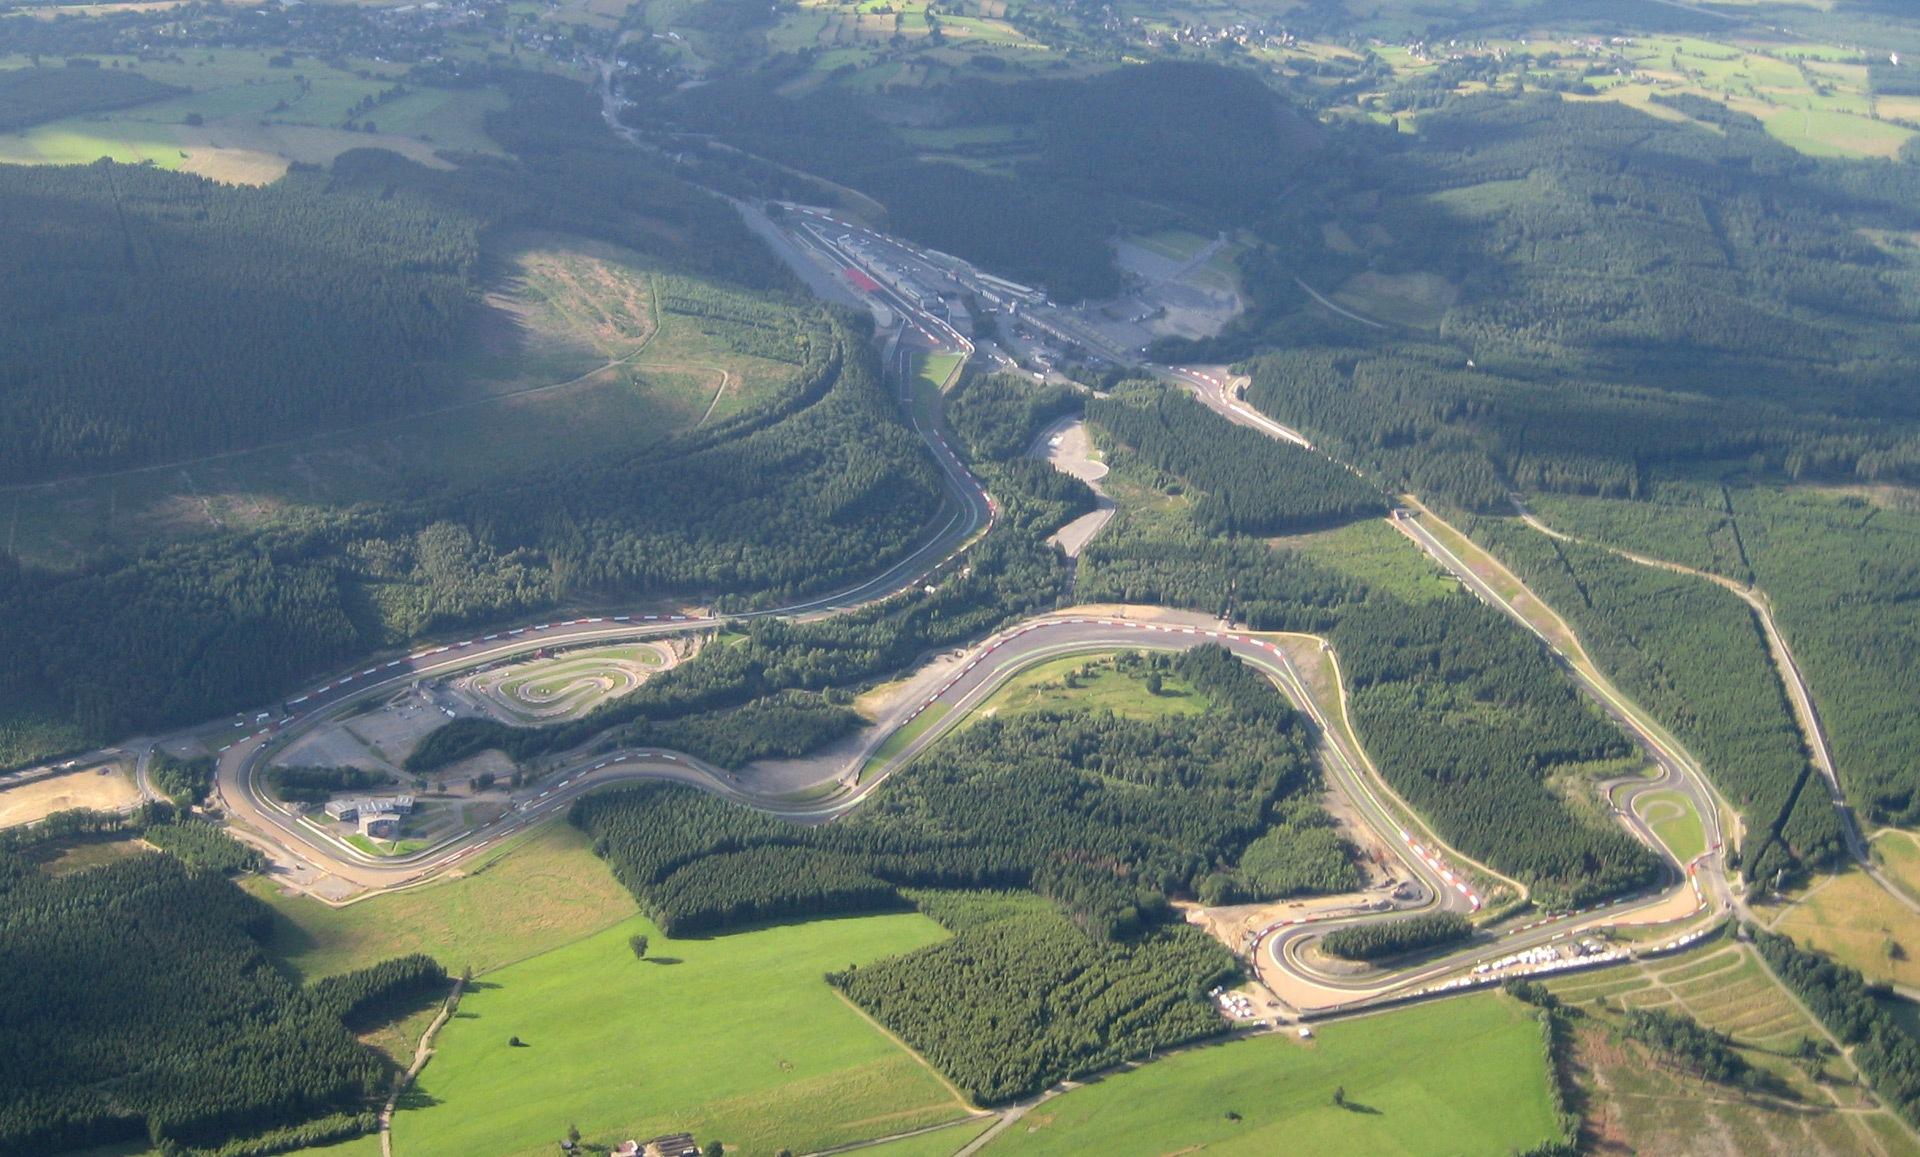 Imagen aérea de Spa-Francorchamps